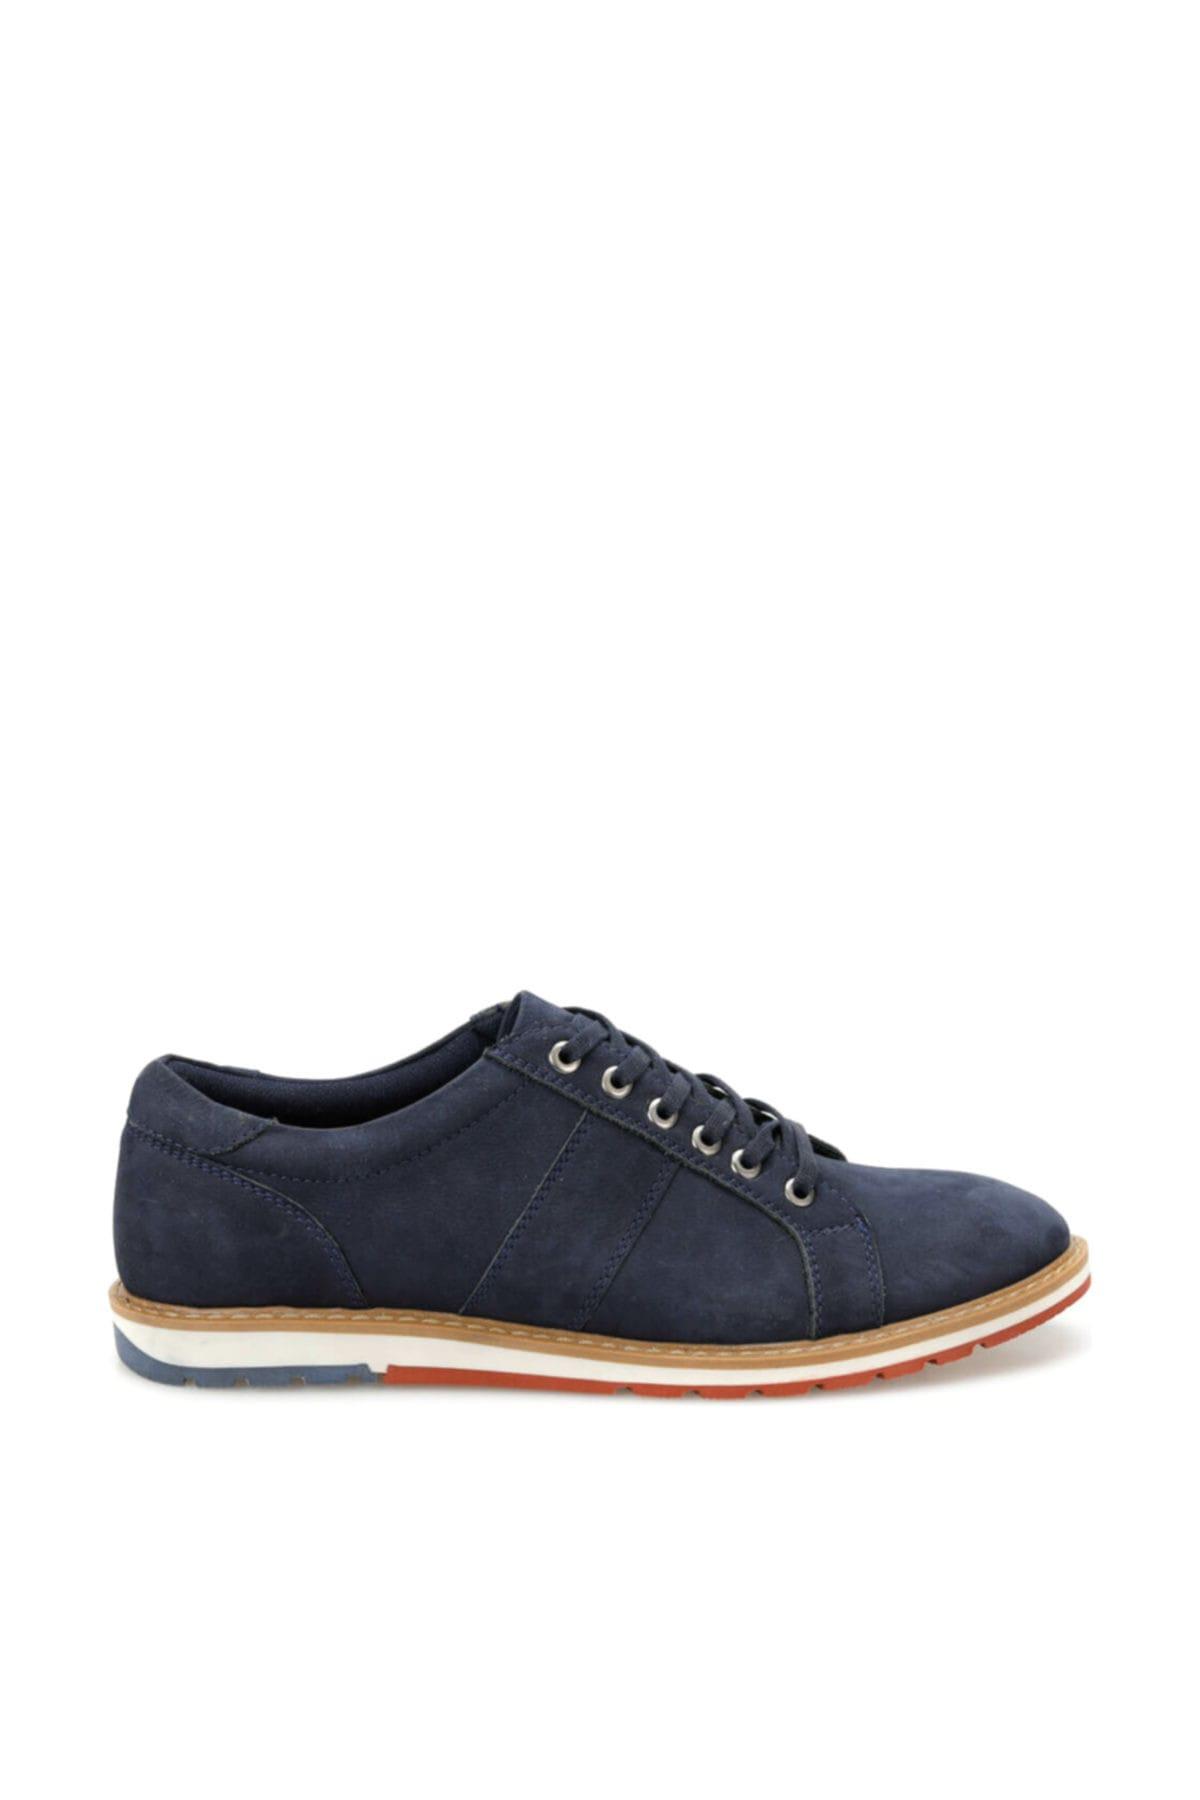 OXIDE Mkm-91115 Lacivert Erkek Ayakkabı 100381815 2